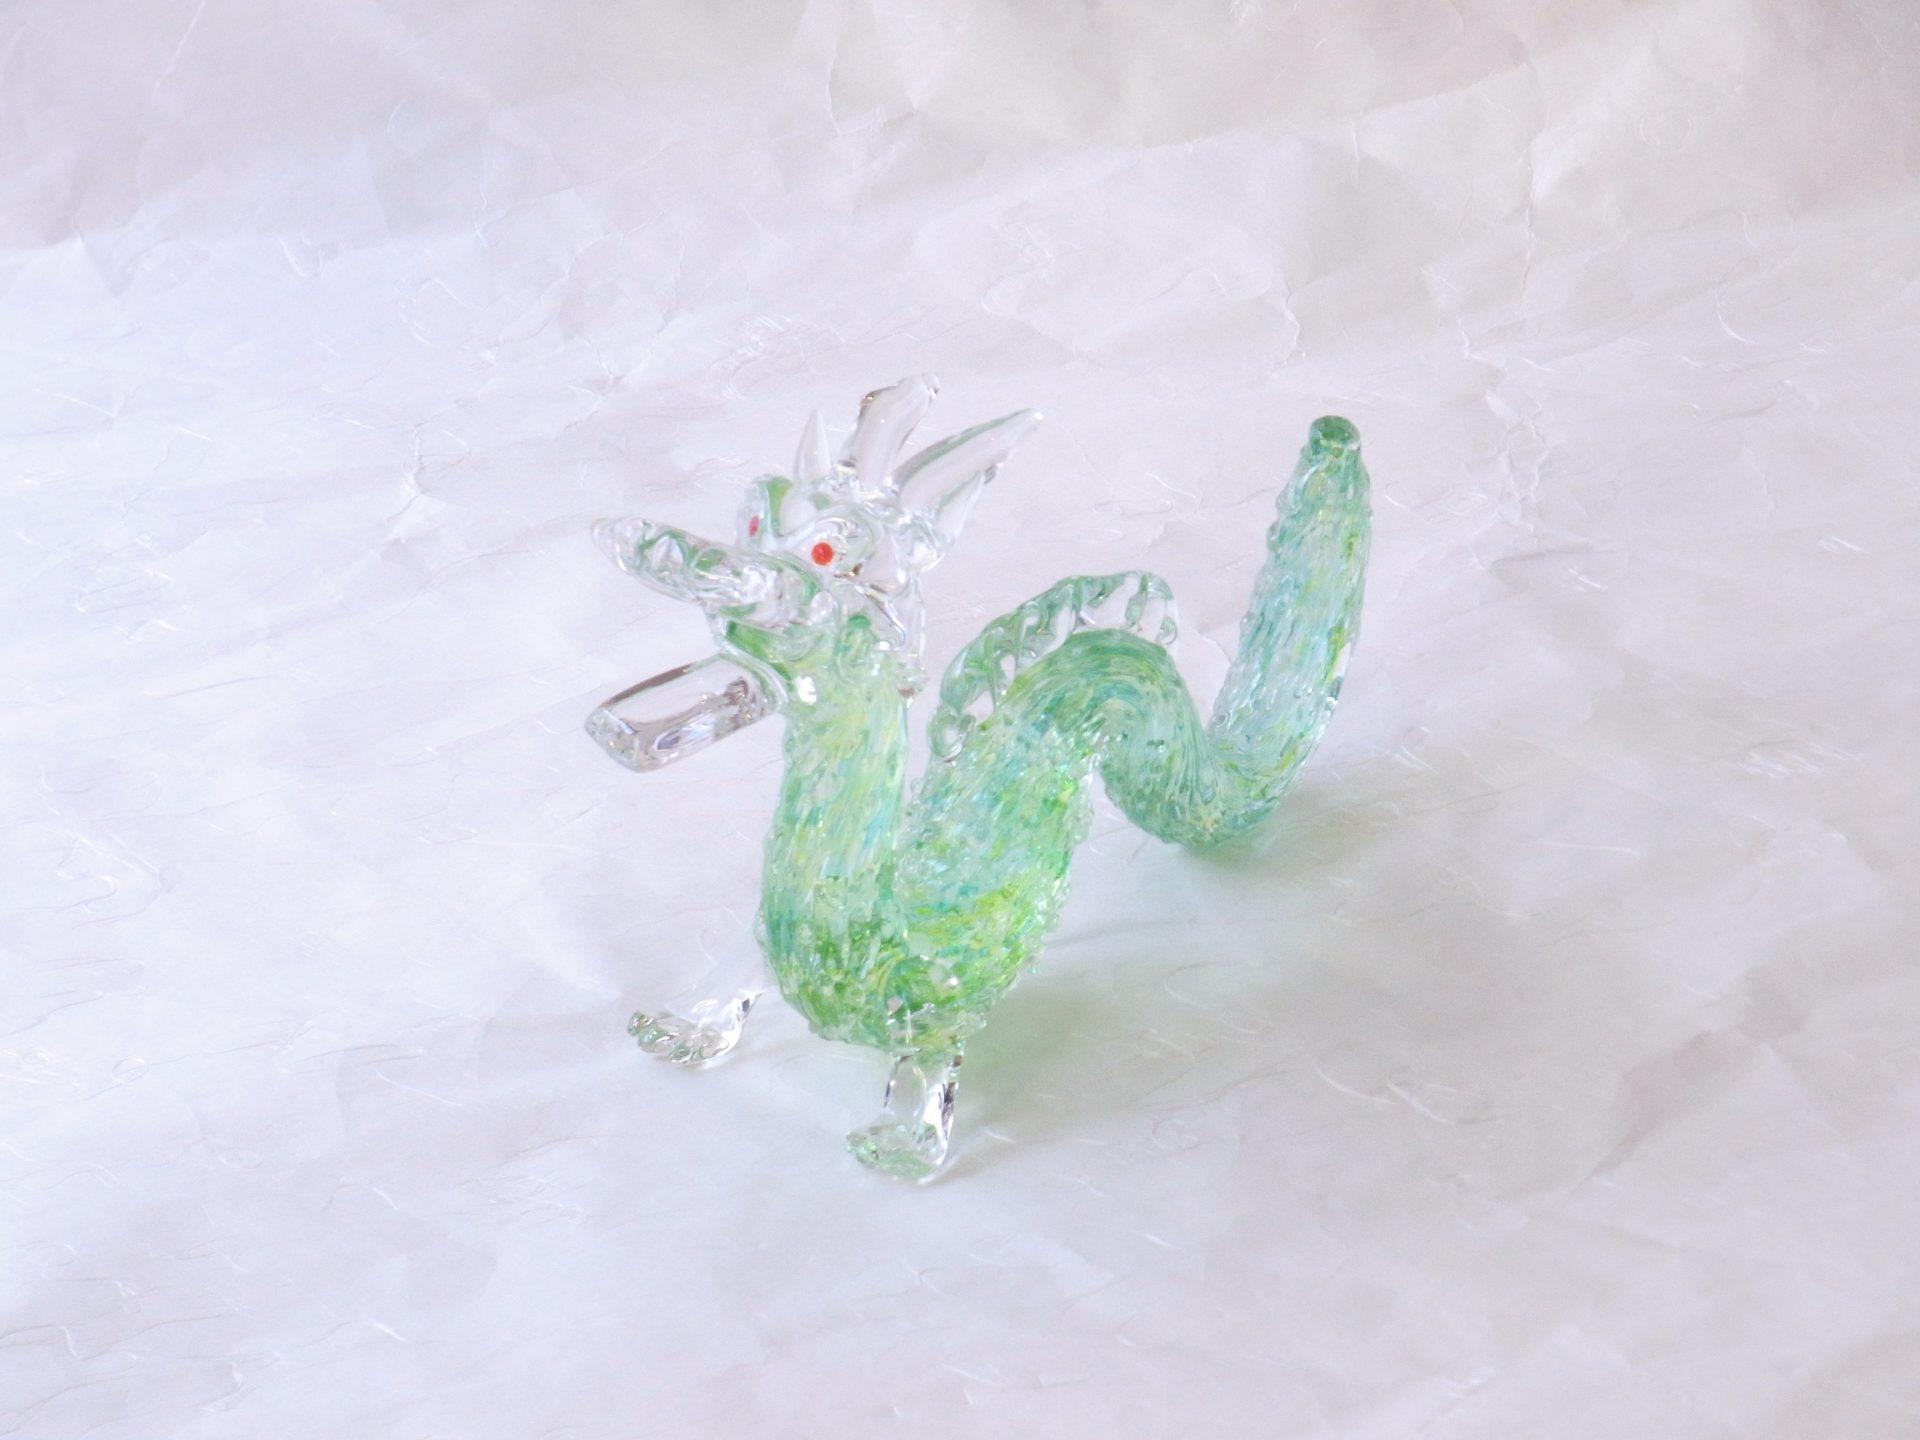 日本製 手づくり ガラス細工 ドラゴン 龍 竜 胴に緑色のガラス 流れるような線 動きがある 鱗の表面の凸凹 透明なガラス 涼し気な雰囲気 ガラス職人の手作業 大変な技術 経験 手づくりのガラス細工 龍の置き物 ドラゴンズファン 逸品 日本製 陶器 磁器 陶磁器 漆器 茶道具 華道具 贈り物 ギフト 記念品 引出物 法要 お返し 専門店 リアル店舗 茶の湯 茶道 裏千家 表千家 茶会 月釜 抹茶 高品質 安らぎ いやし よりおいしく 安心 機能的 長持ち 人気 おすすめ 高機能 ネット通販 ネットショップ セレクトショップ 欲しい 購入 買う 買い物 岐阜県 岐阜市 美殿町 小林漆陶 特別な 選び抜かれた 品質重視 使いやすい 格安 老舗 誕生日 結婚 出産 入学 退職 母の日 父の日 敬老の日 クリスマス プレゼント 叙勲 長寿 新築 お祝い 御礼 内祝い 外国土産 海外みやげ 実店舗 創業100年以上 使うと分かる 職人技 日本一の品揃え 日本一の在庫数 専門店 専門知識 数万点の在庫 百貨店(高島屋 三越 伊勢丹 松坂屋 大丸)にない 手作り お洒落 高級品 希少価値 上質な器 伝統工芸品 コスパ お値打ち お買い得 堅牢 飽きない 永く使える お気に入り 国産 料理が映える 満足感 豊かな食生活 豊かな食文化 こだわりの器 日本文化 他にない ここにしかない オリジナル 独自の 個性的 ここでしか買えない 超レアもの 一品もの 現品限り 入手困難 いい器 匠の技 美しい 実用的 外人が喜ぶ店 外人が珍しがる店 外人がうれしい店 日本各地の一級品を売る店 日本全国の器を売る店 本当にいいもの コスパ高い 一流品 修理 選りすぐりの逸品 周年記念 永年勤続表彰 退職記念 卒業記念 日本土産 岐阜土産 岐阜のおみやげ 岐阜の特産品 料理を引き立てる器 高級店 一流店 岐阜で一番 東海で一番 中部で一番 日本で一番 おしゃれな店 地域一番店 実店舗 陶磁器 磁器 華道具 ガラス器 明治42年創業 有田焼 清水焼 美濃焼 赤津焼 万古焼 常滑焼 九谷焼 唐津焼 萩焼 信楽焼 万古焼 砥部焼 備前焼 丹波焼 山中塗 春慶塗 讃岐塗 越前塗 輪島塗 紀州塗 会津塗 小田原木工 桜皮細工 秋田杉 駿河竹細工 七宝焼 南部鉄器 錫製品 江戸切子 津軽びいどろ